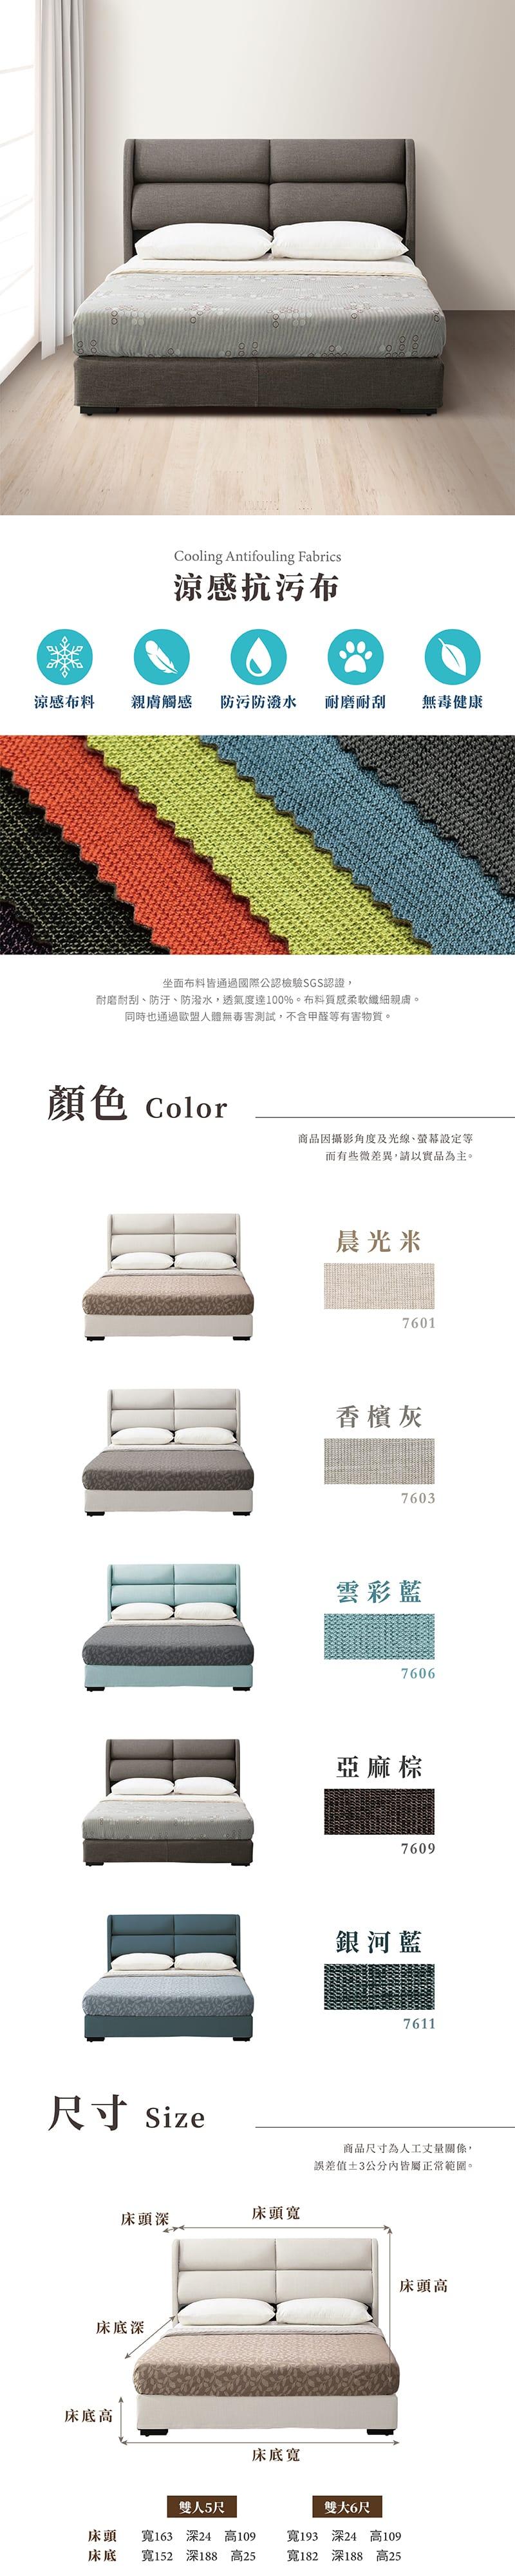 拉比 涼感布床組兩件 雙人加大6尺(床頭片+床底)